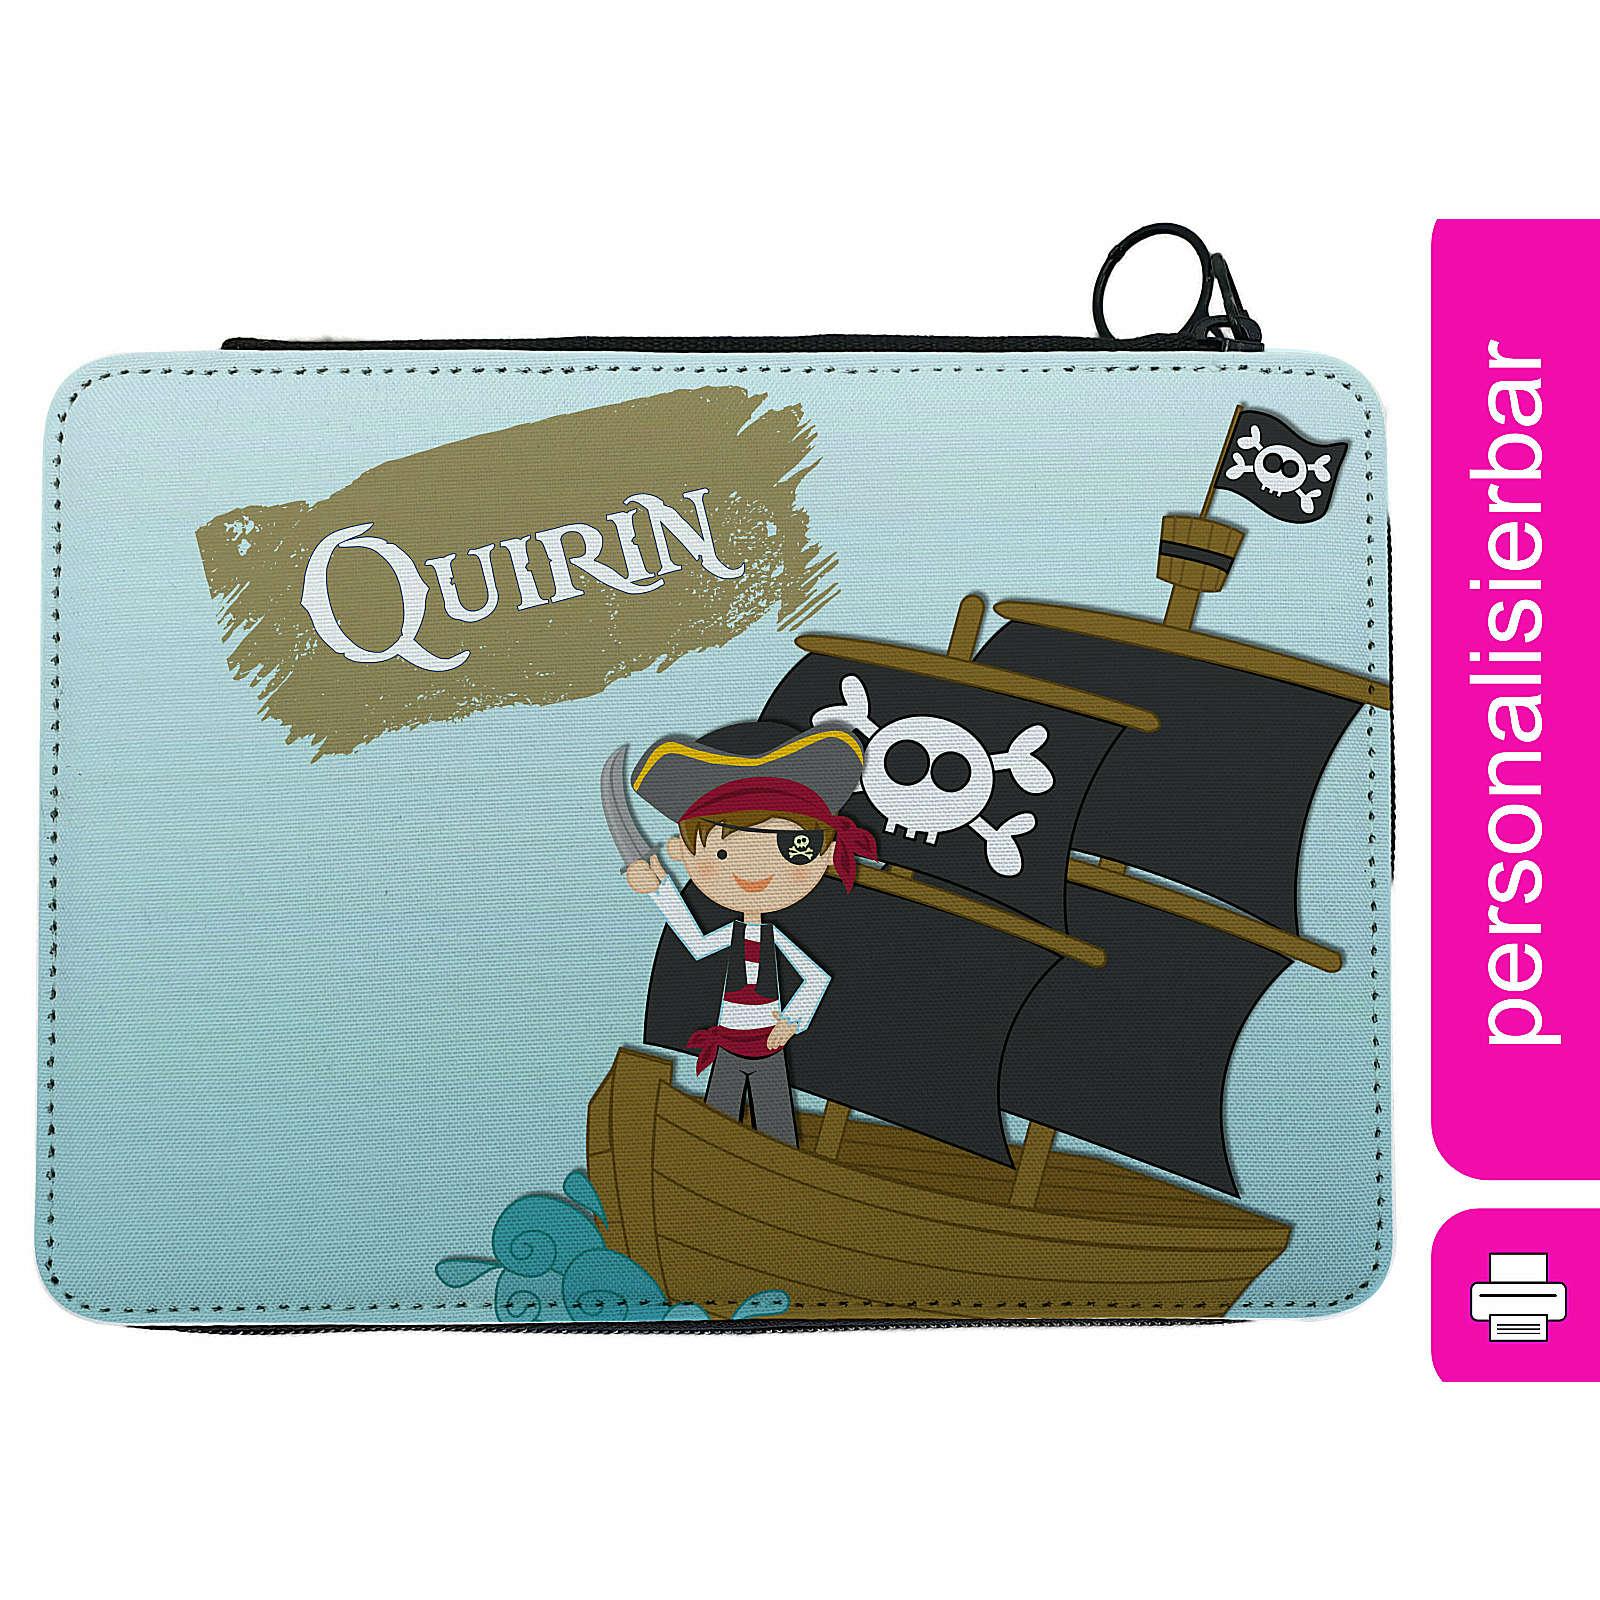 CreaDesign Federmäppchen personalisiert mit Namen Pirat befüllt mehrfarbig